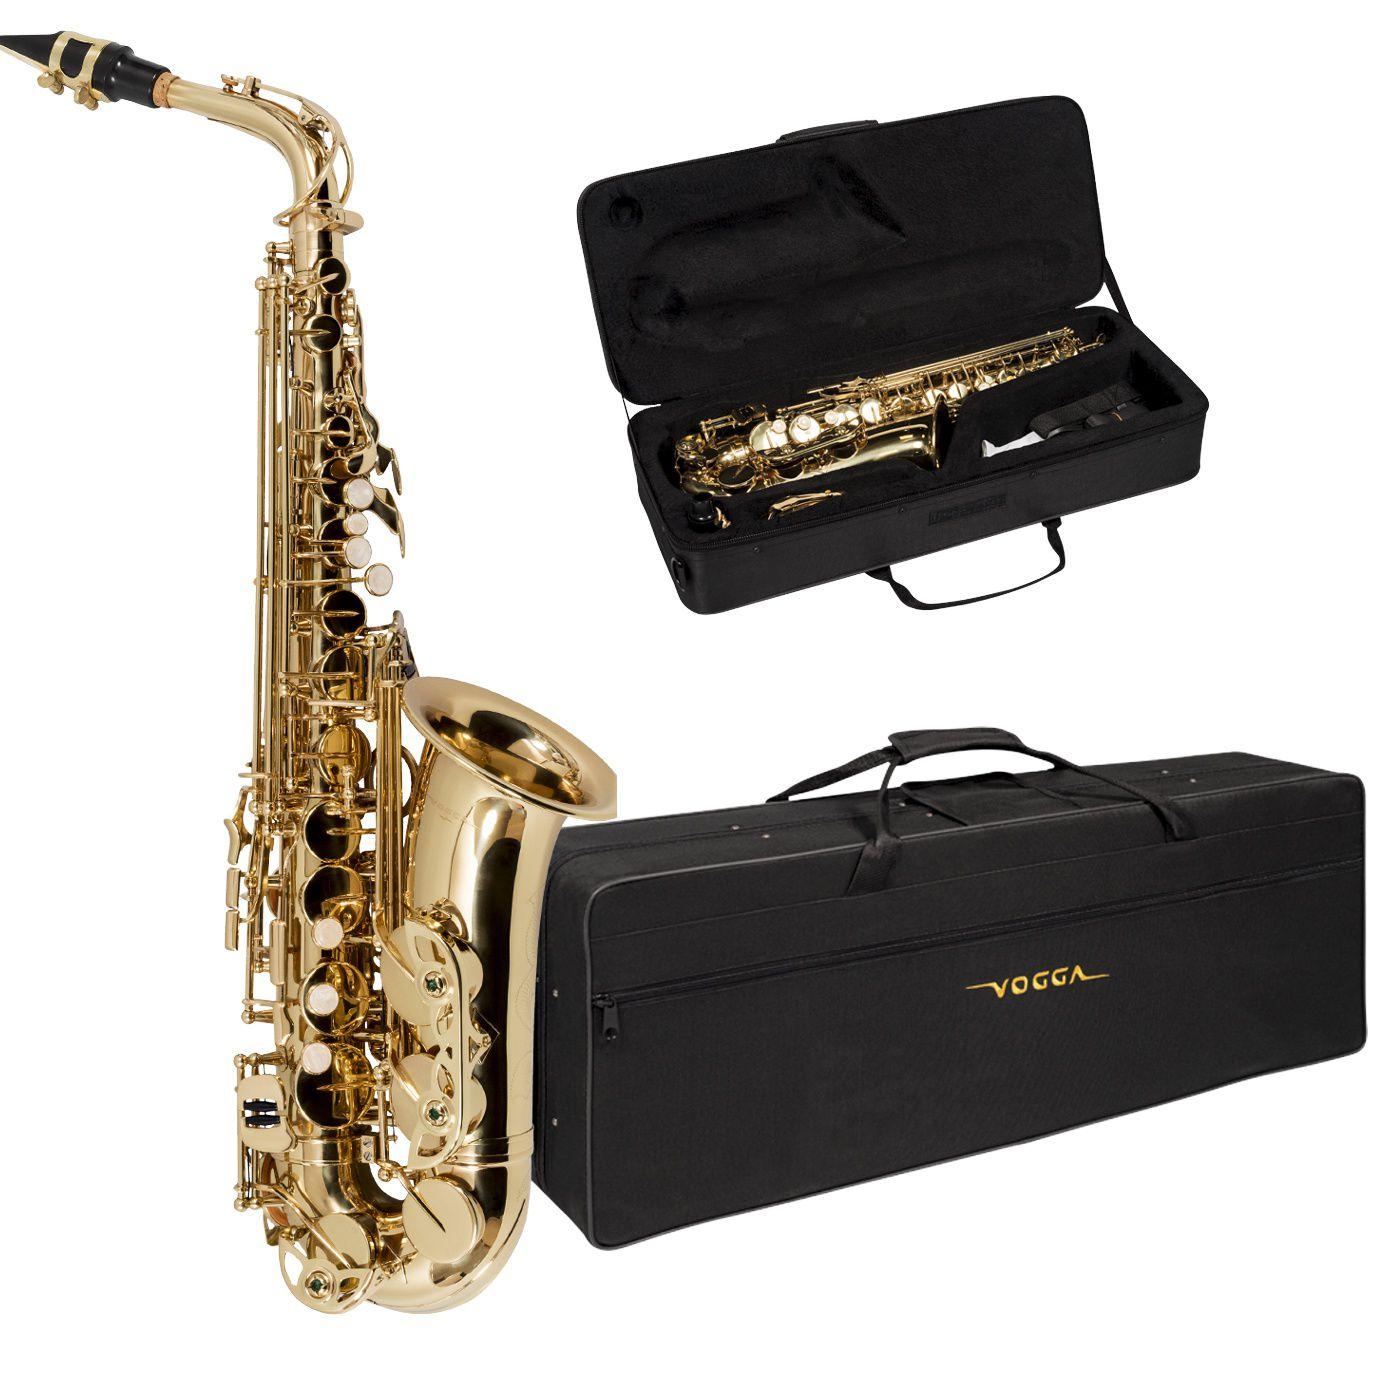 Saxofone Alto Vogga Vsas701n Com Estojo Luxo